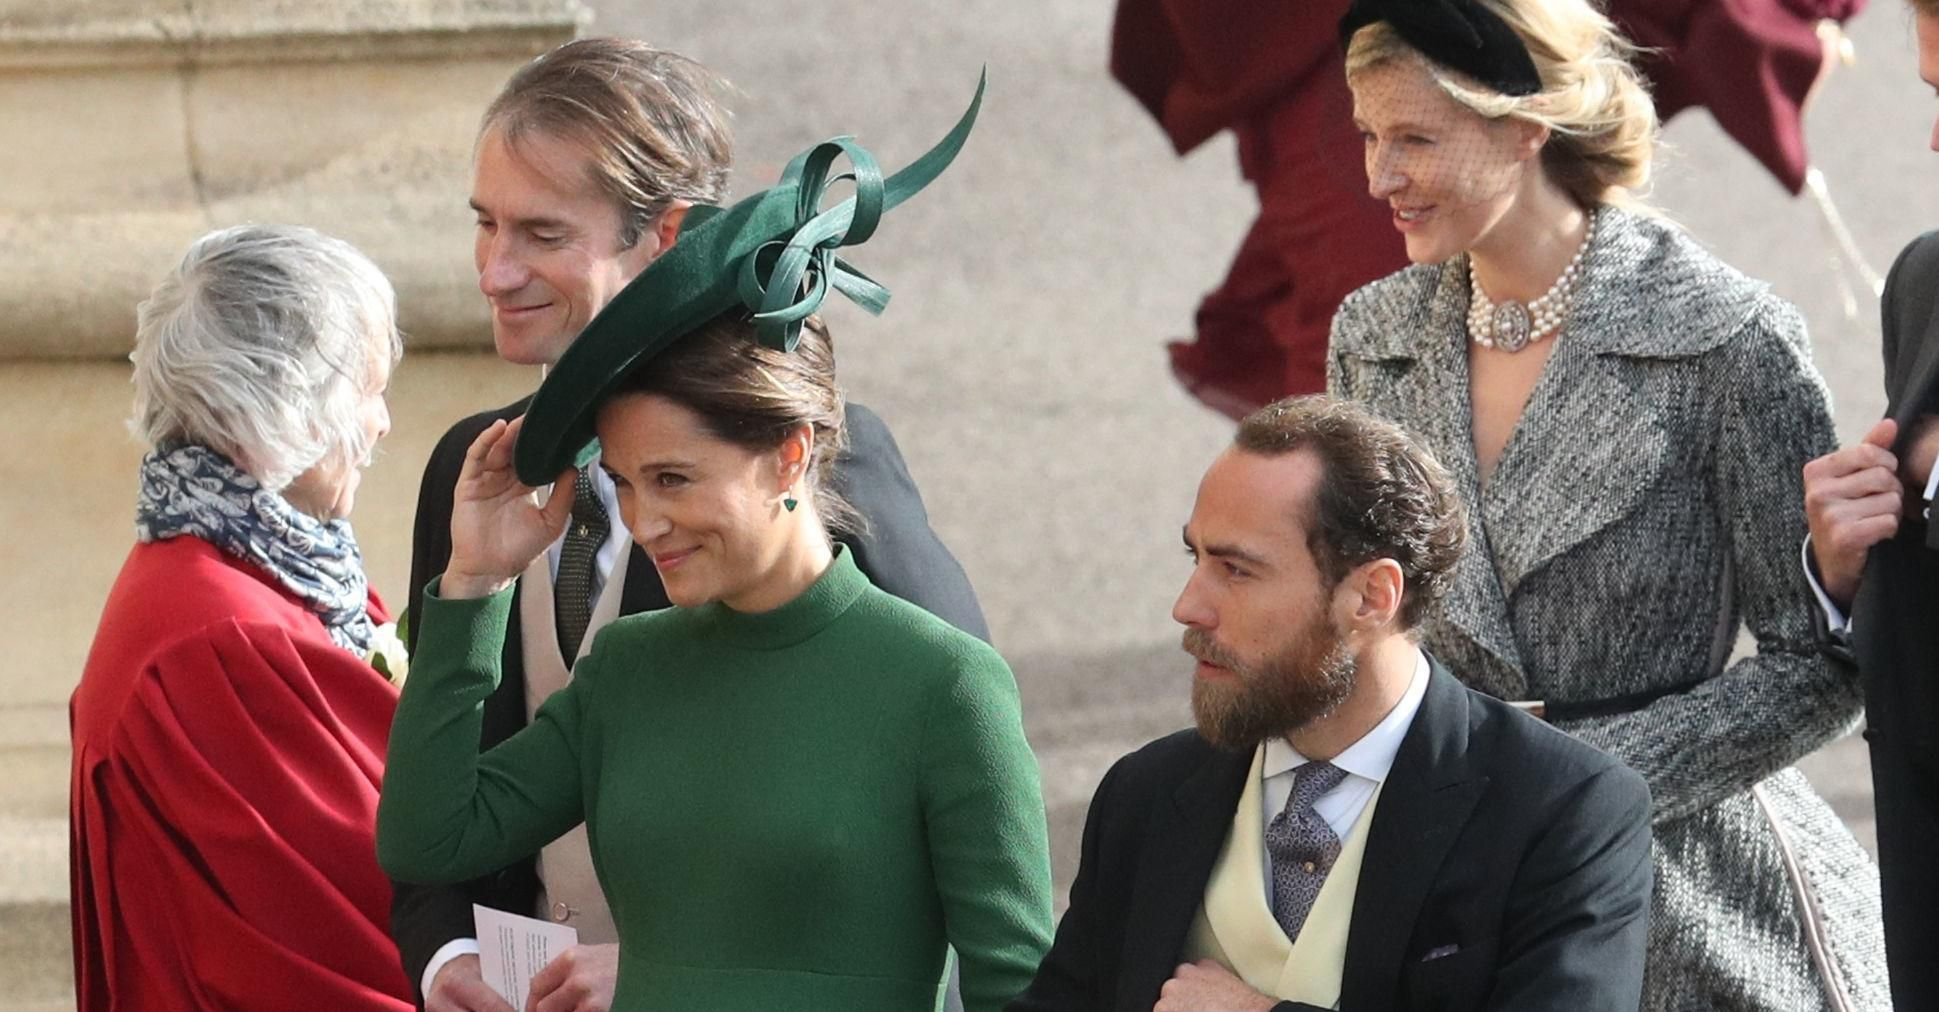 Kraljevsko vjenčanje broj dva: Pippa Middleton pokazala trudnički trbuščić u uskoj haljini